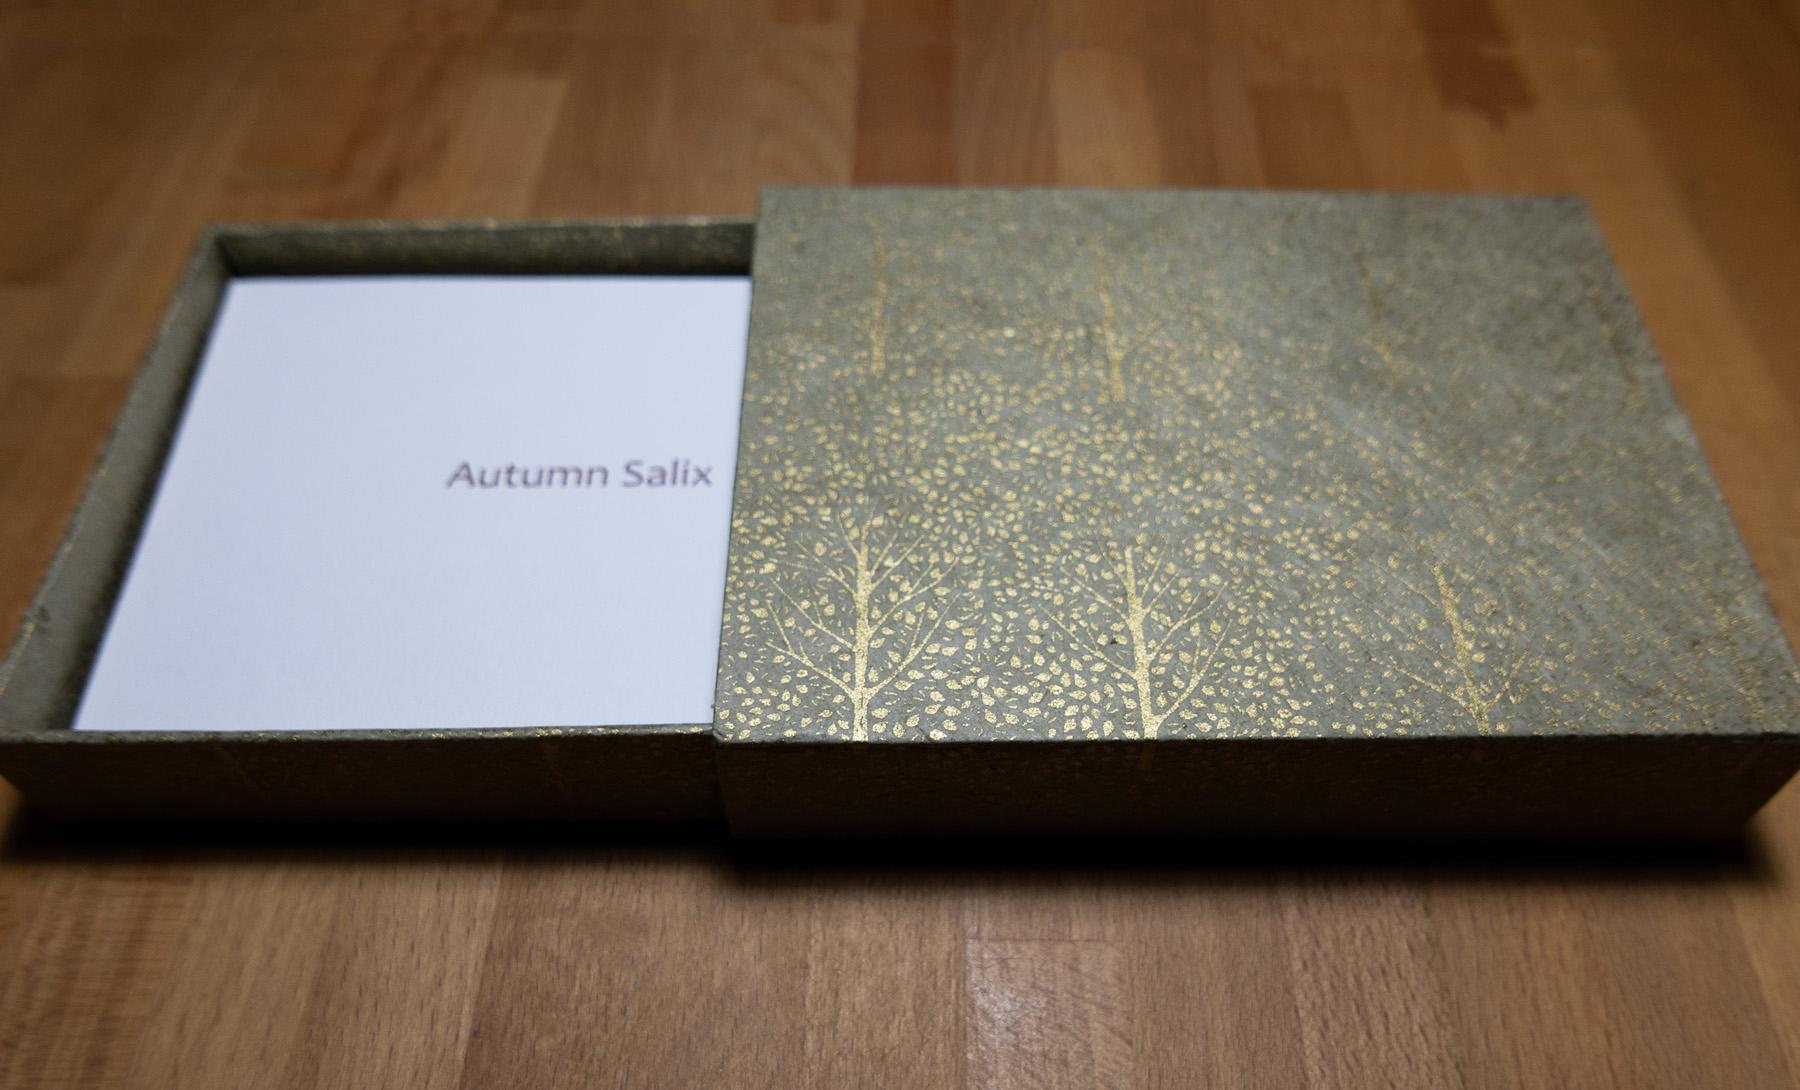 Autumn Salix matchbox style box